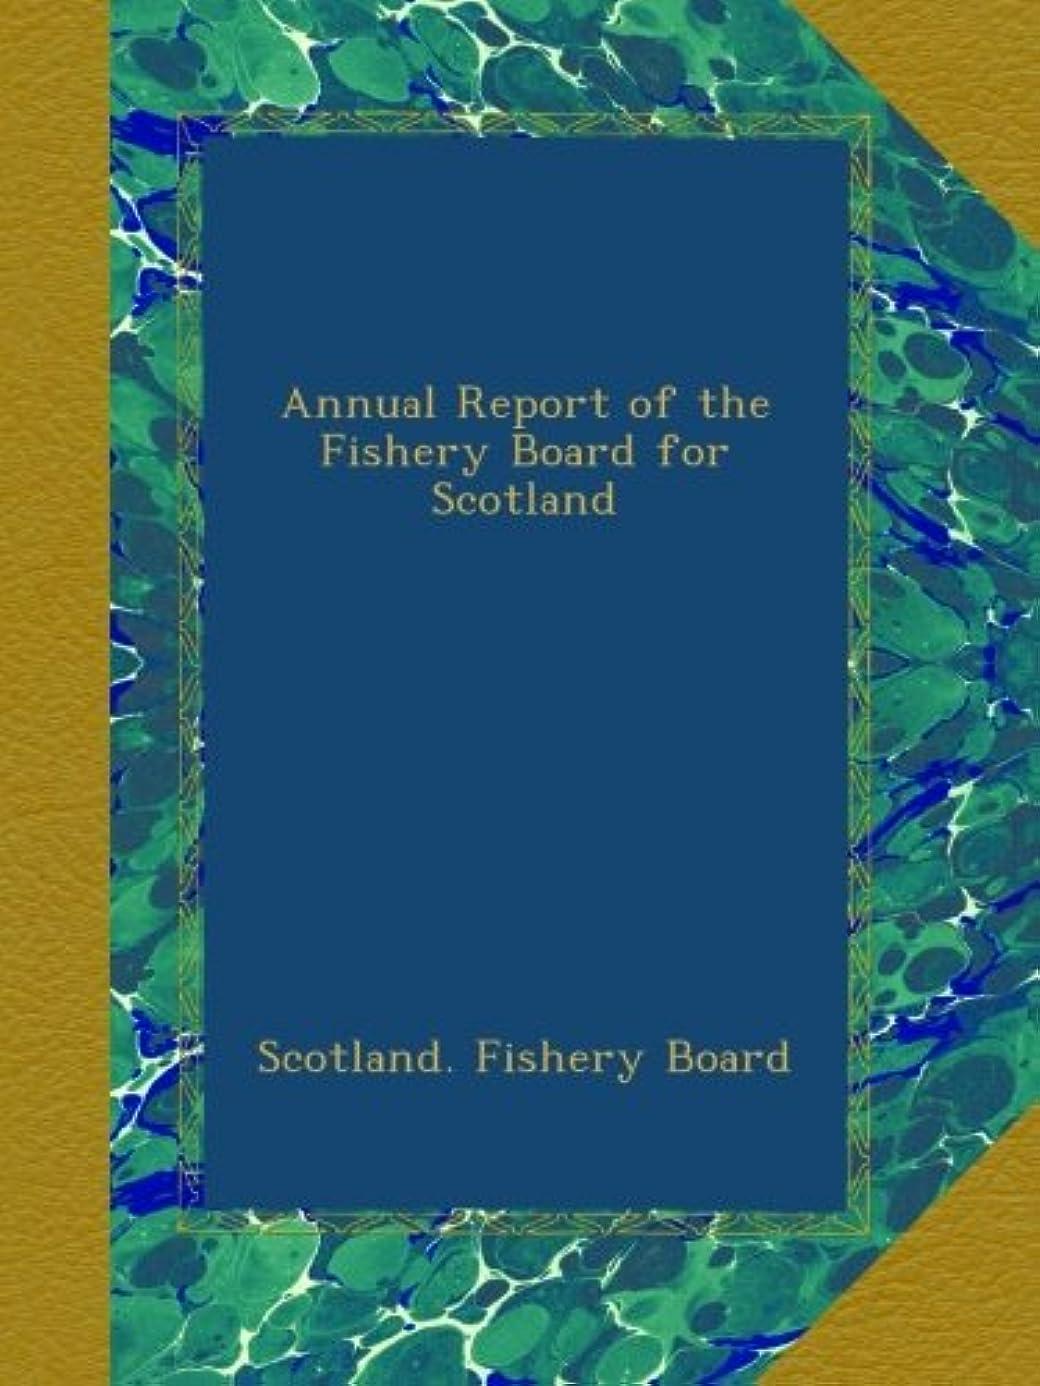 クレアパンフレット高いAnnual Report of the Fishery Board for Scotland